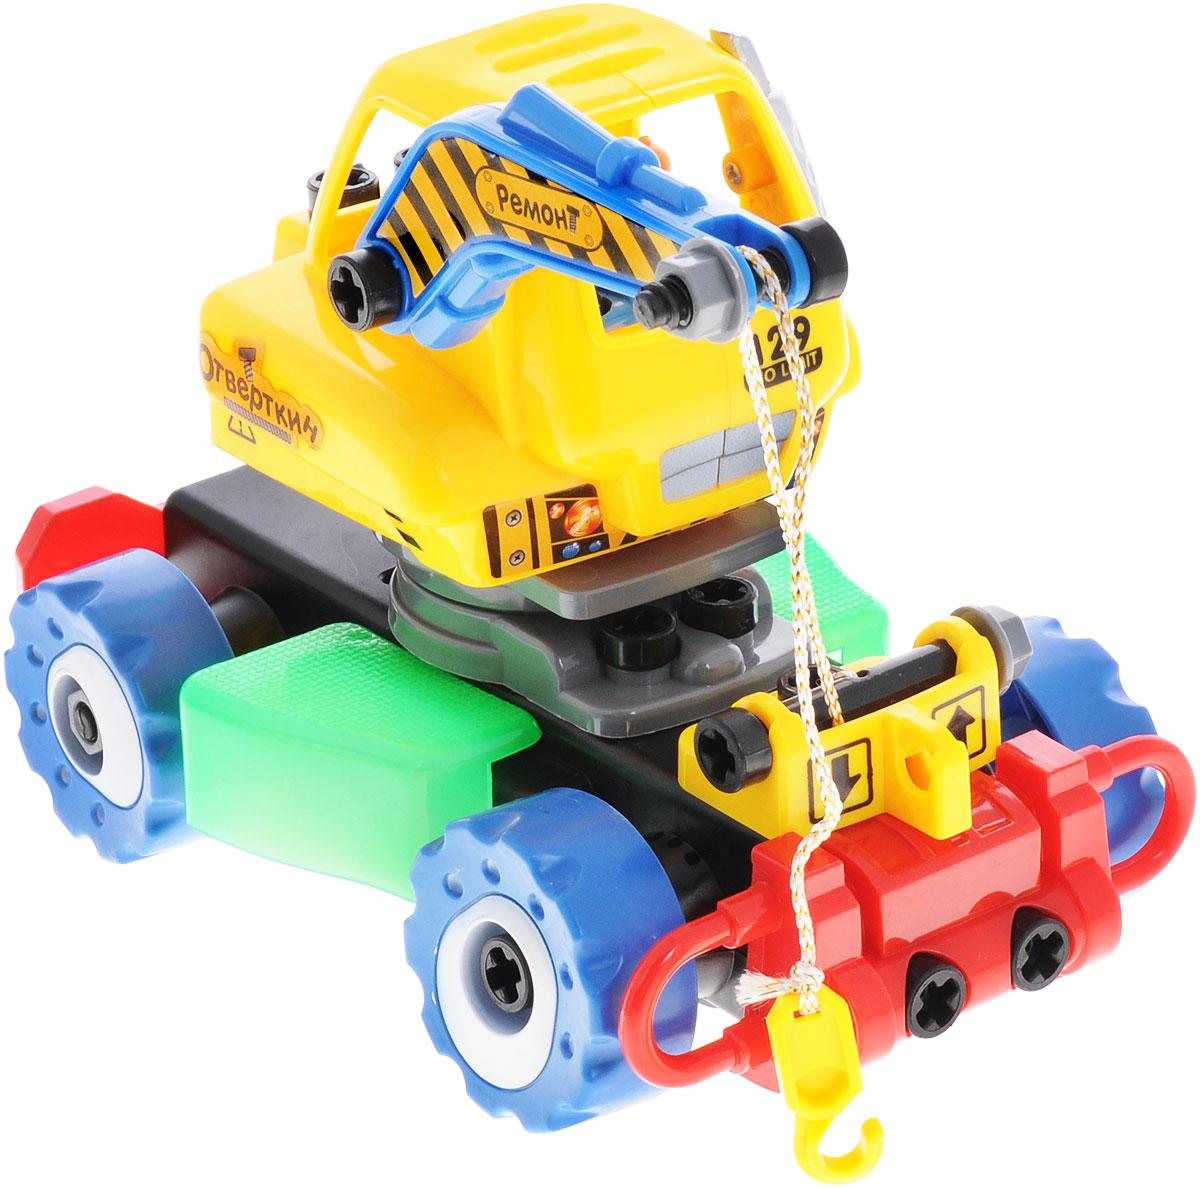 Zhorya Машинка-конструктор на радиоуправлении ОтверткинХ75430Машинка-конструктор на радиоуправлении Zhorya Отверткин - это детская пластиковая машина-конструктор, которую ребенок самостоятельно сможет собрать, ведь все детали крупные и абсолютно безопасны для детей. В результате сборки получится не просто интересная игрушка, а настоящий автокран на радиоуправлении со световыми и звуковыми эффектами. В комплекте с машиной идет пульт управления, отвертка и фигурка человечка. Для работы игрушки необходимы 4 батарейки типа АА (не входят в комплект). Для работы пульта управления необходимы 2 батарейки типа АА (не входят в комплект).